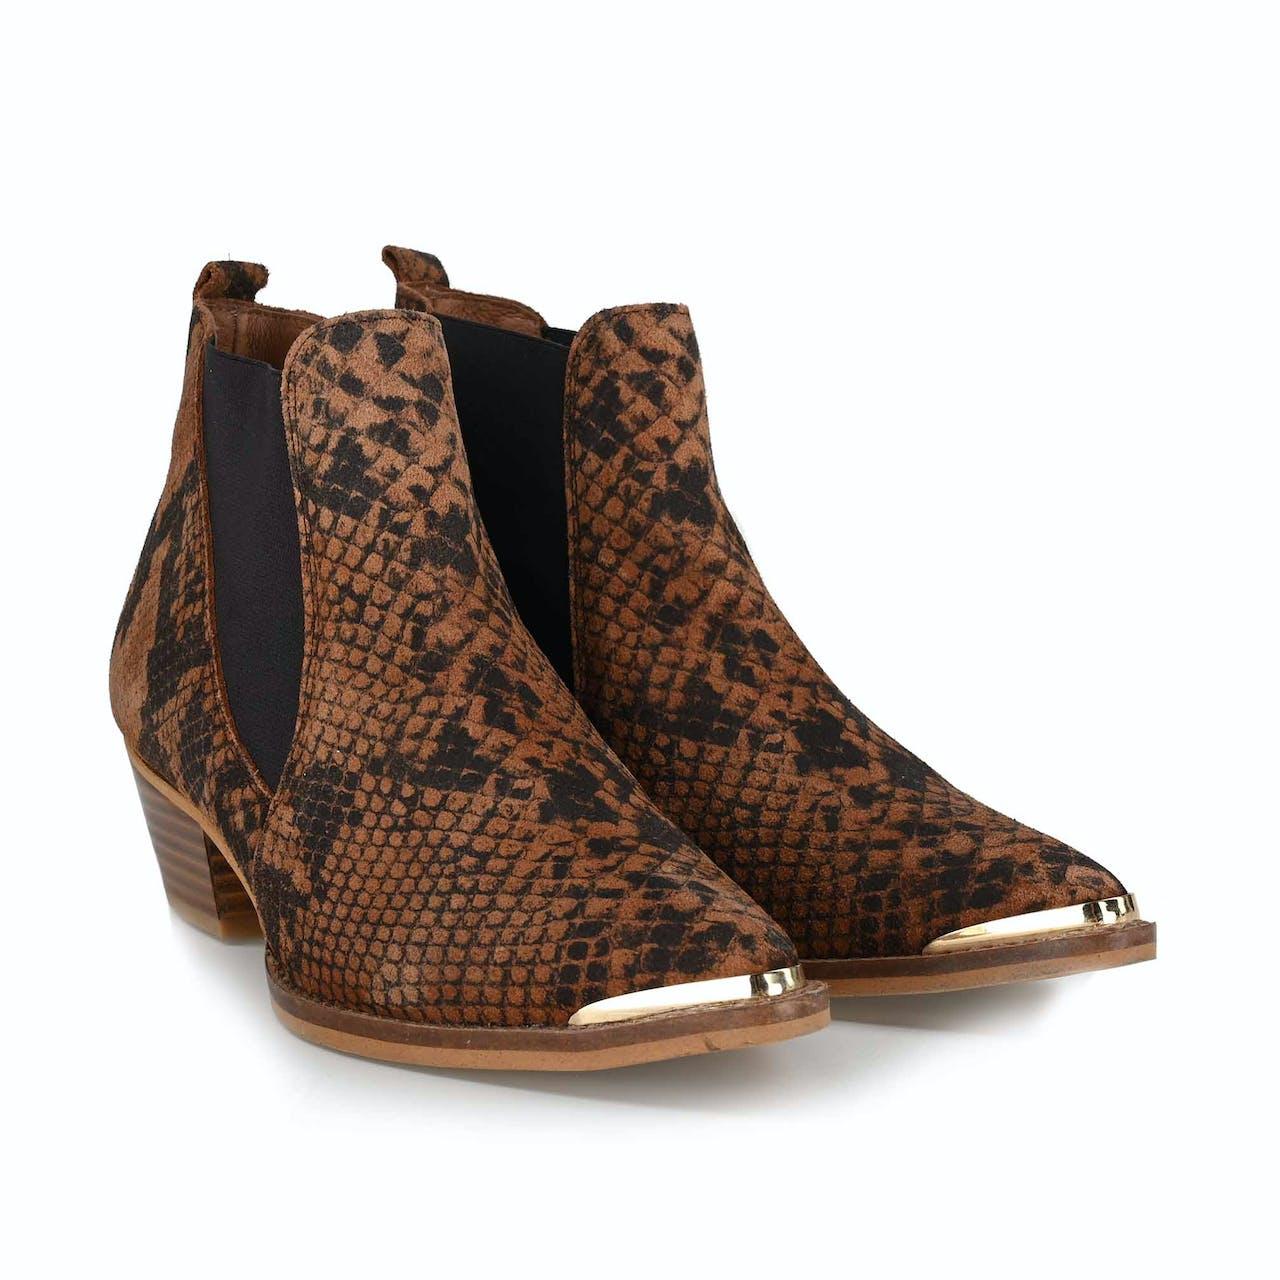 Stiefelette - Dallas Snake Boot